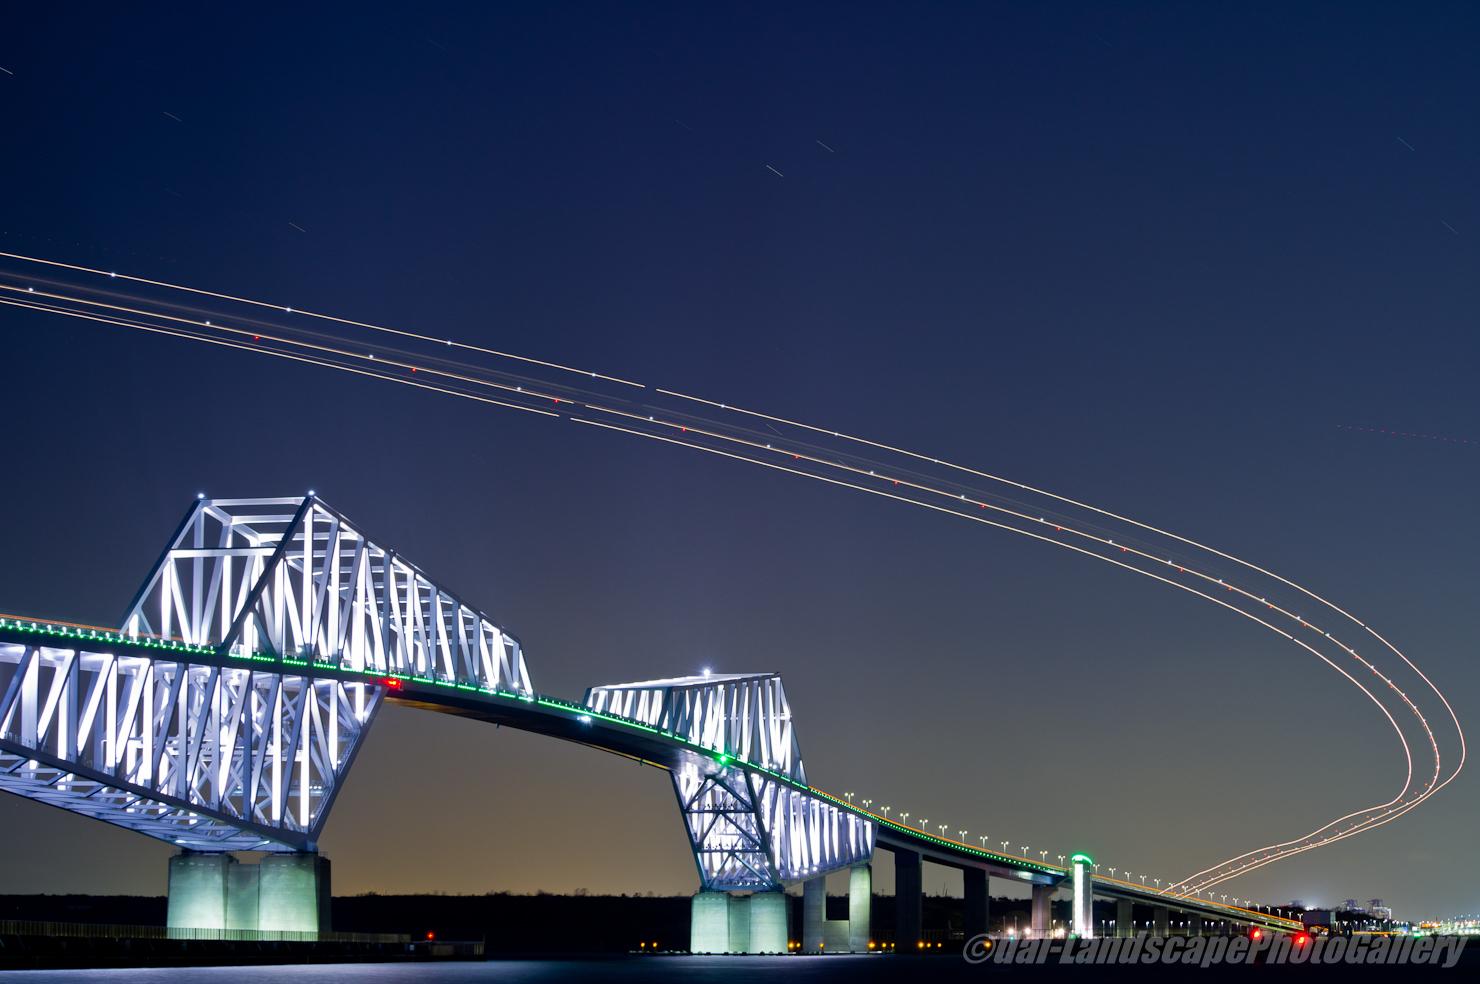 東京ゲートブリッジと飛行機の光跡